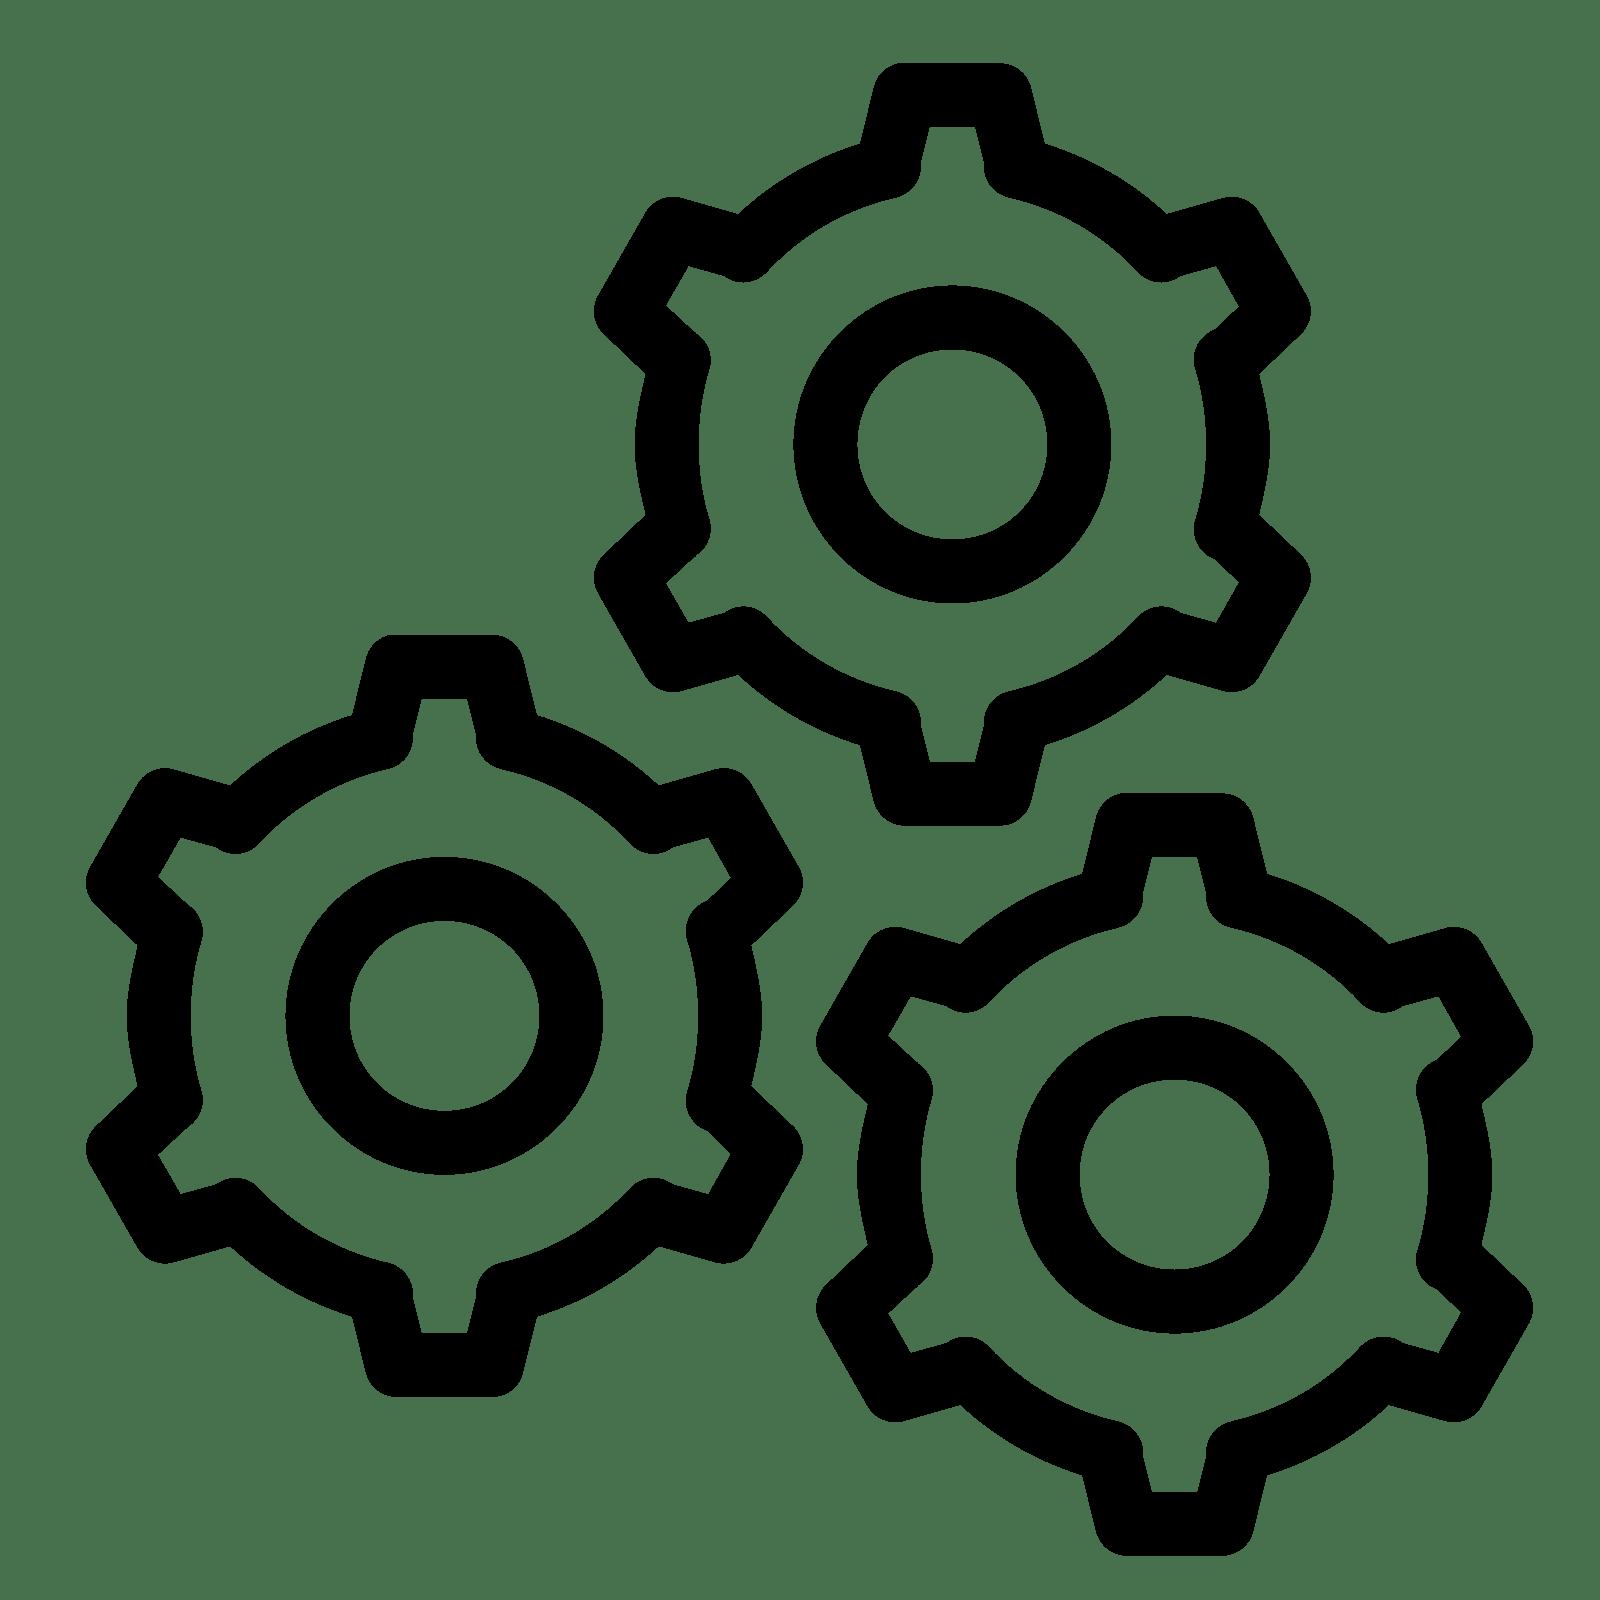 Mechanic clipart gear shape, Mechanic gear shape